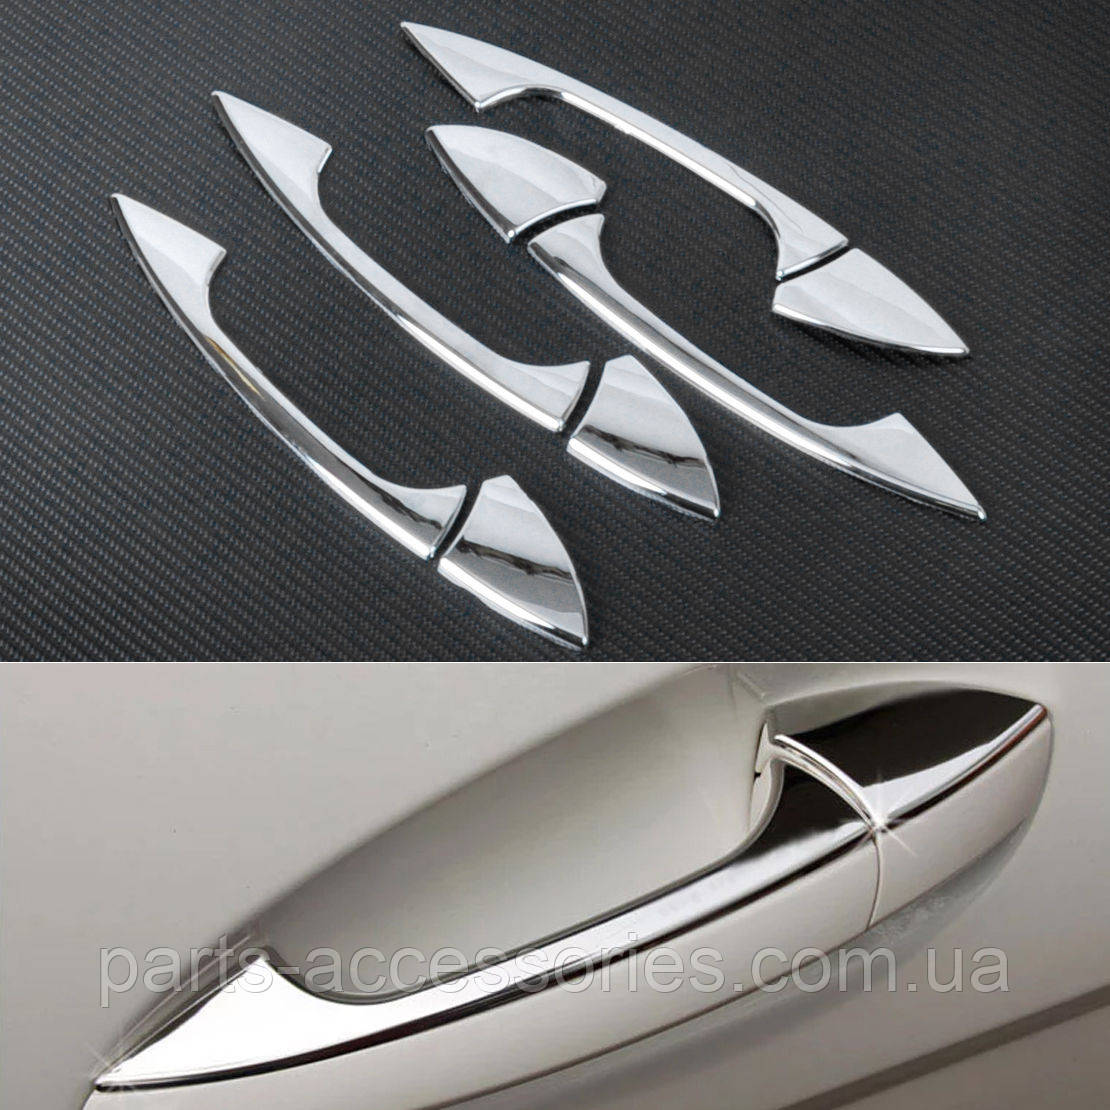 Хромовые накладки на дверные ручки Mercedes A A-Class W176 2013+ Новые